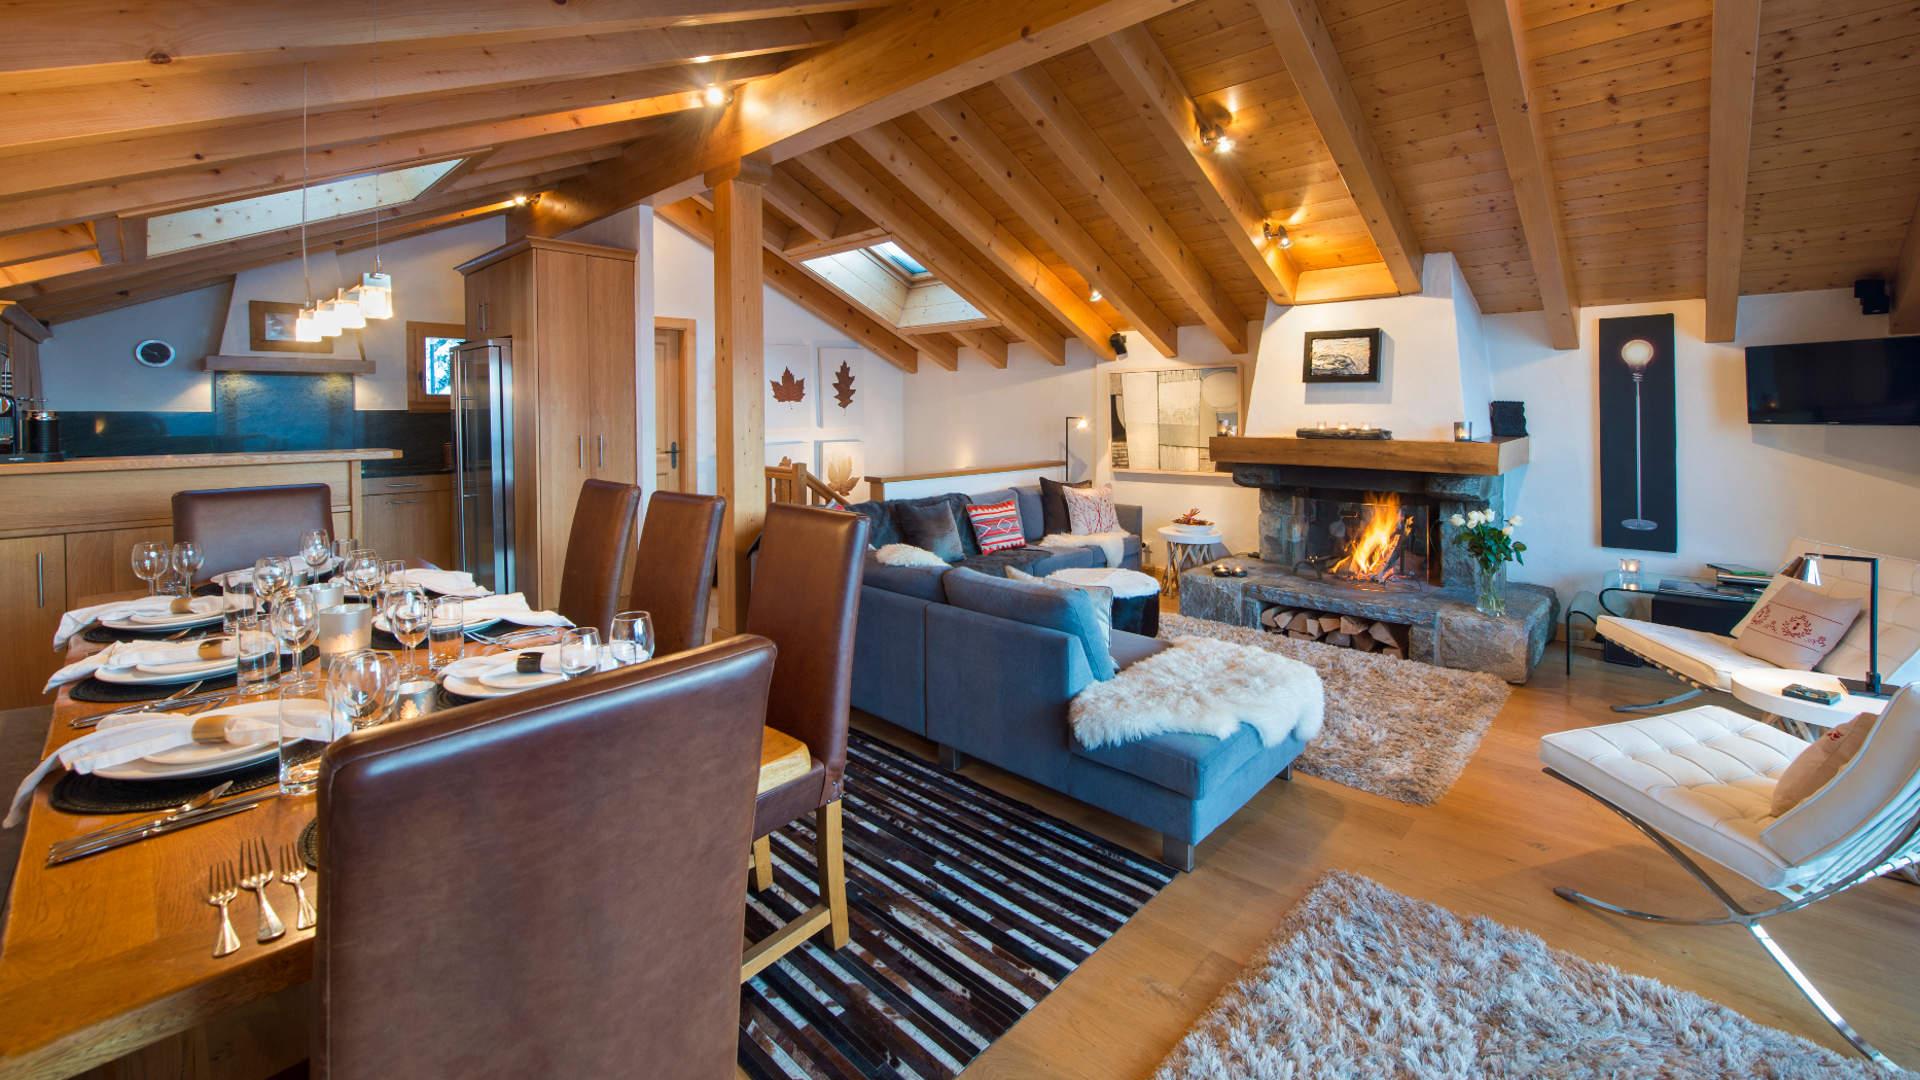 Sorojasa_-_Living_Room_3_1.jpg